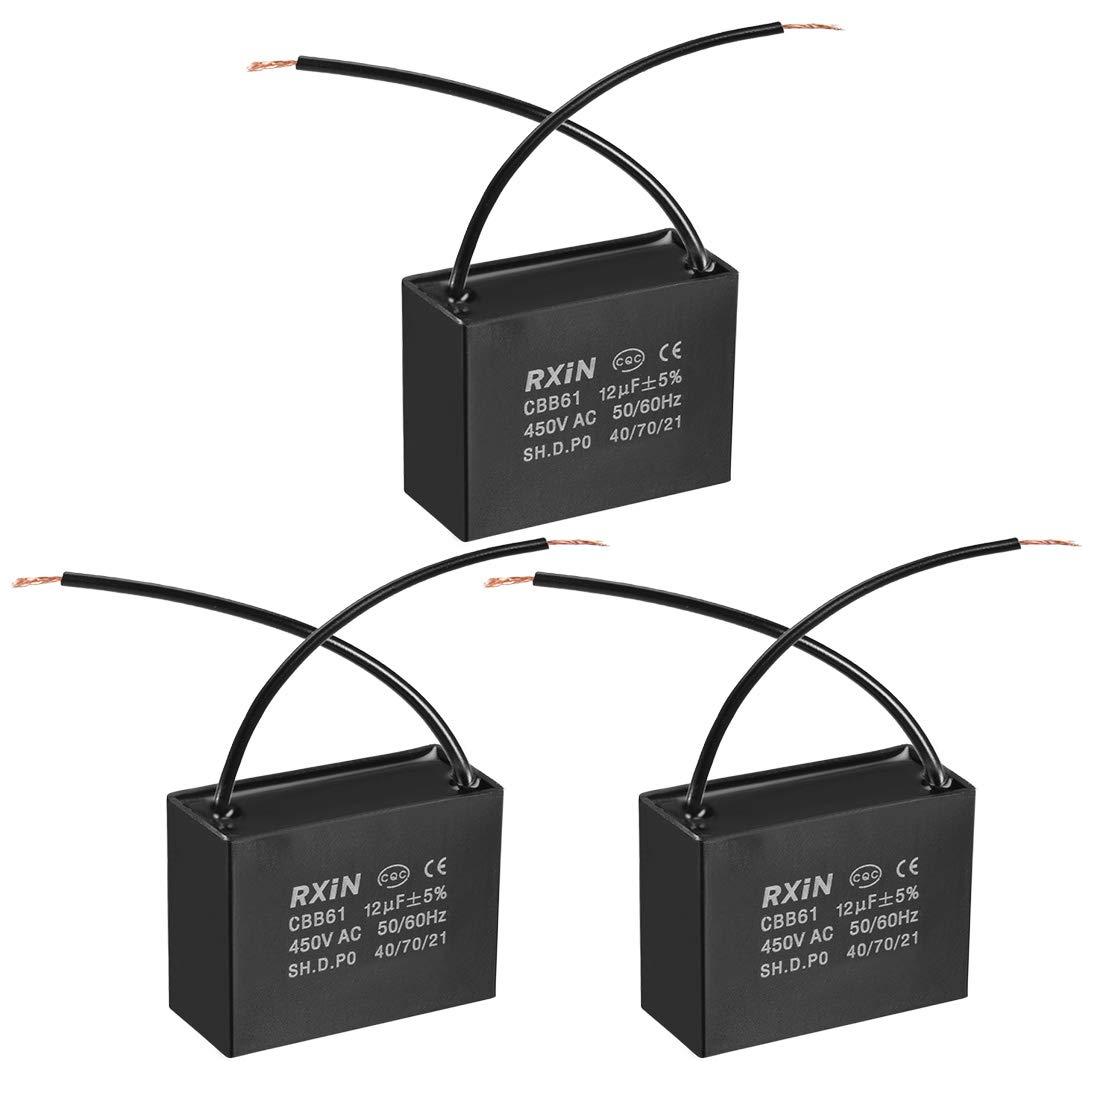 sourcing map Condensador De Funcionamiento CBB61 1.2Uf 450V AC 2 Cables Condensadores De Pel/ícula De Polipropileno Metalizado para Ventilador De Techo 5Pcs